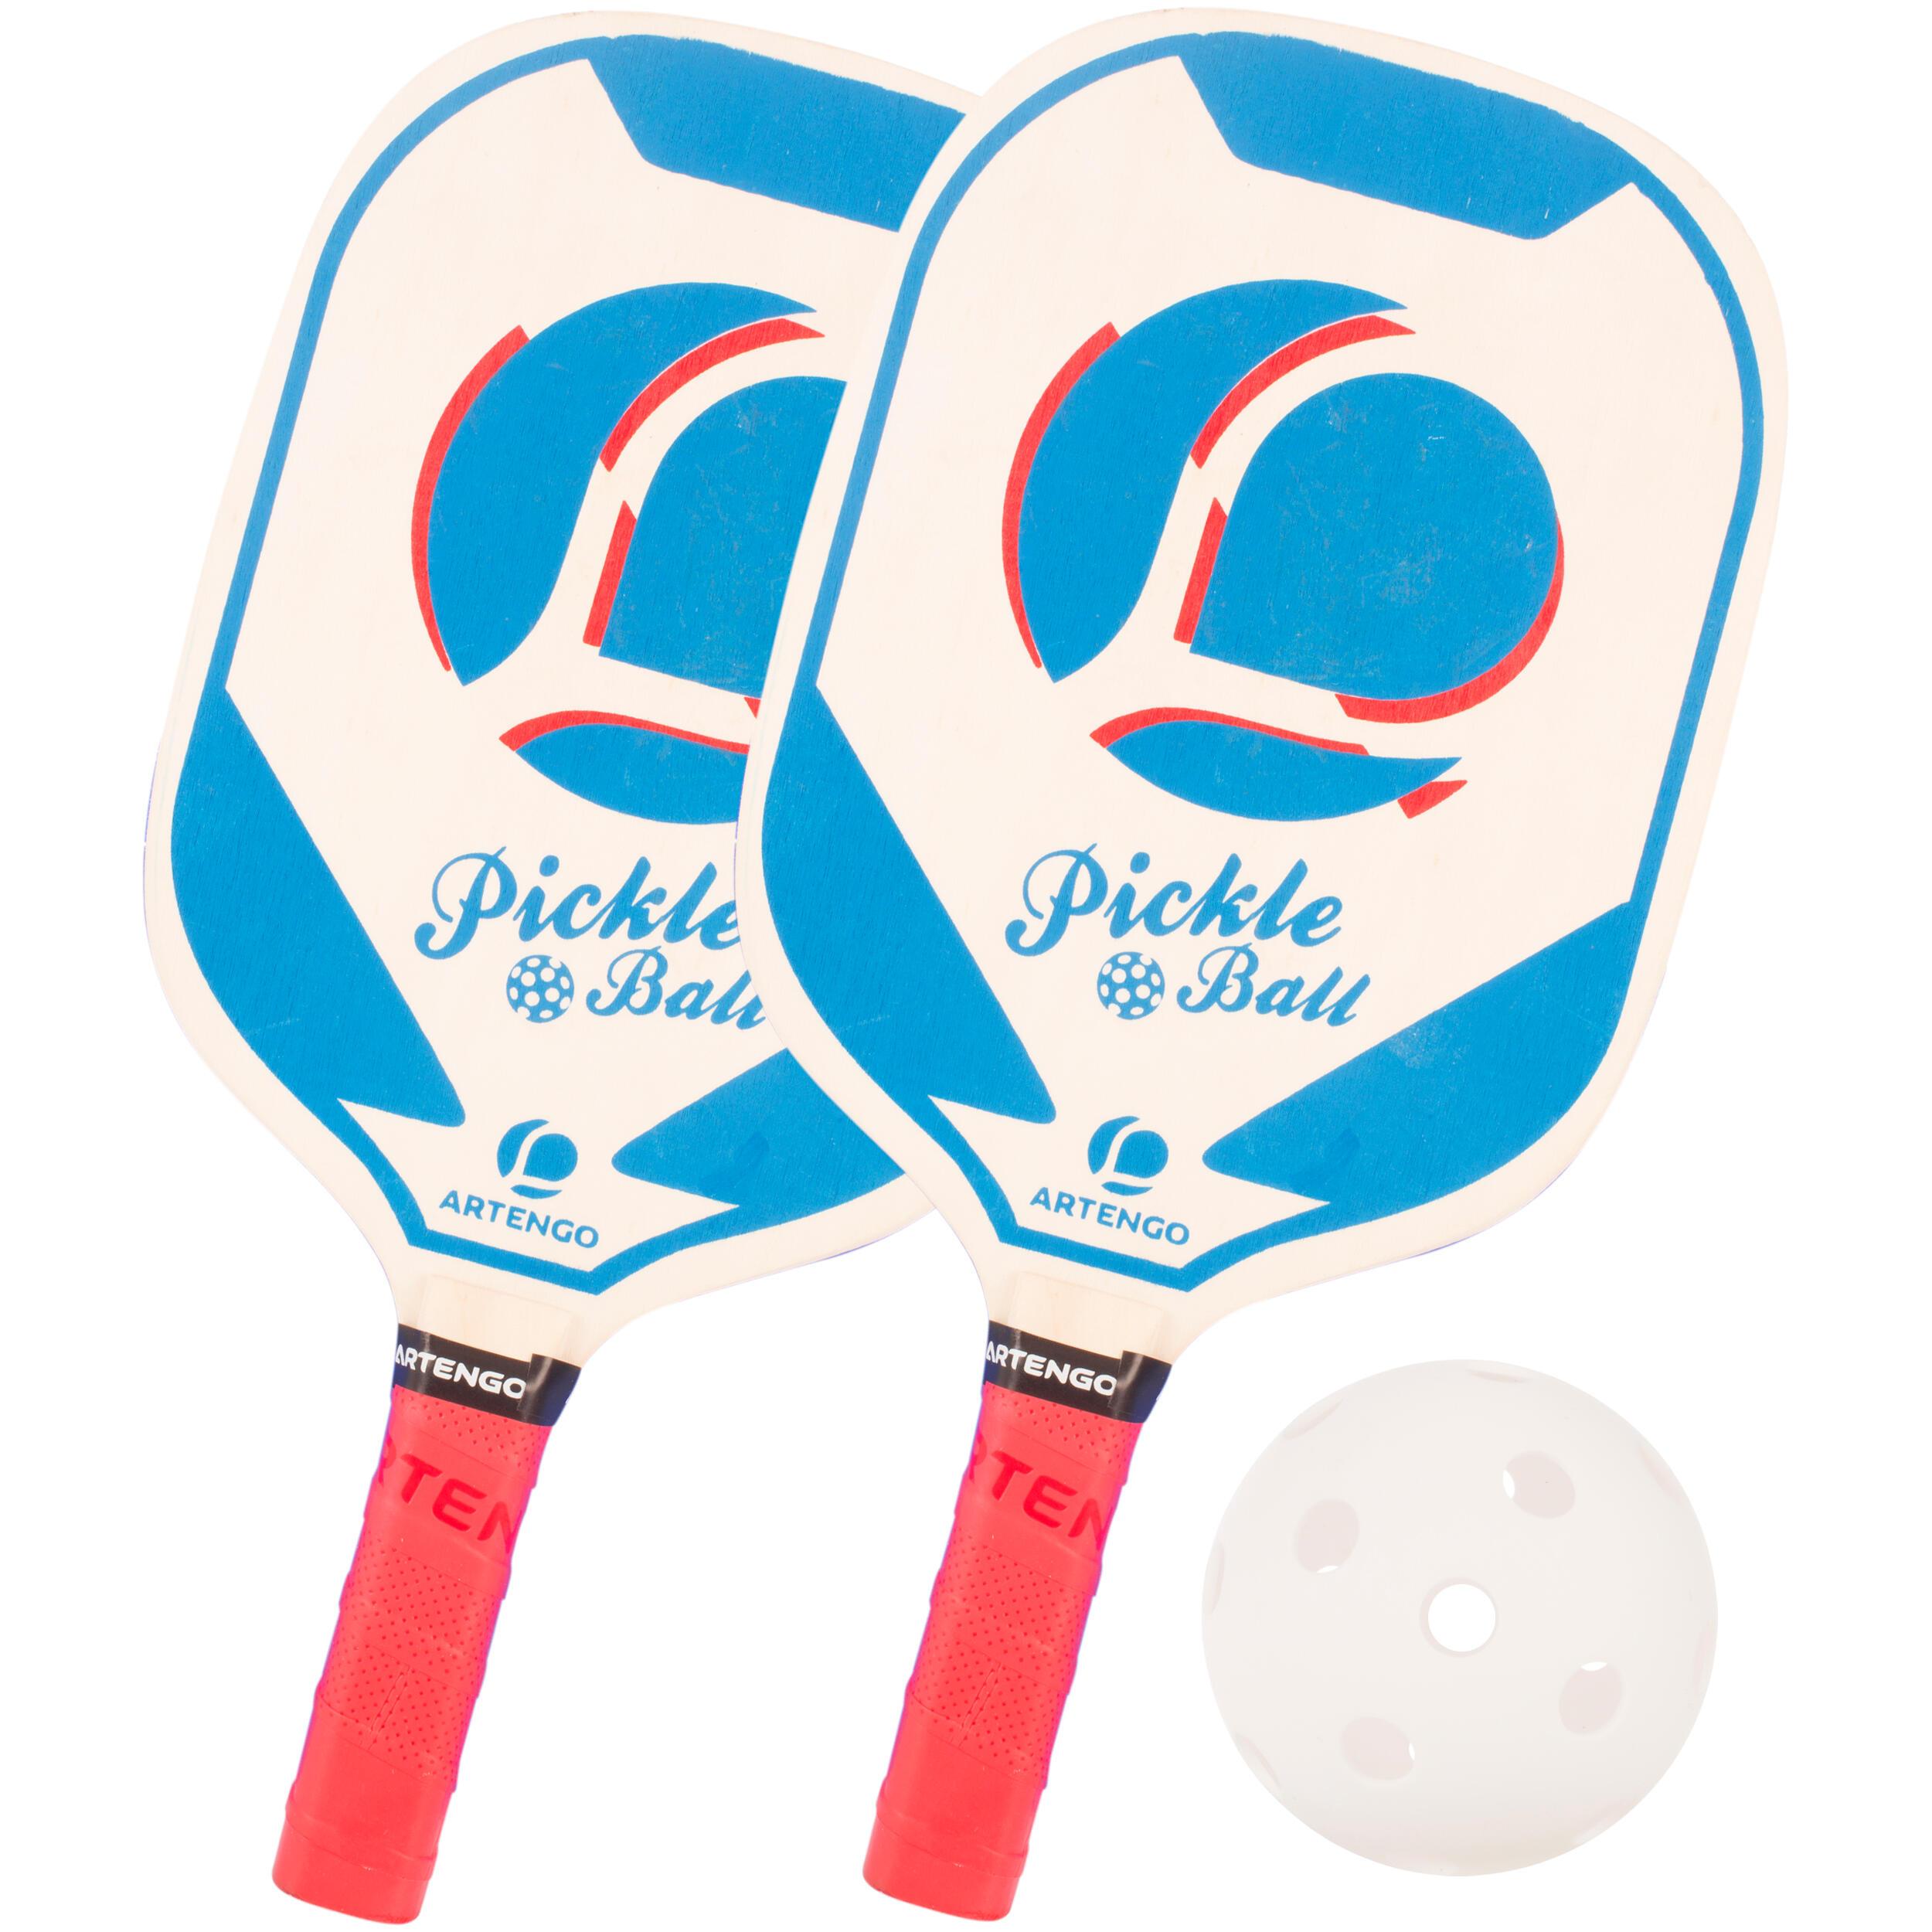 Ensemble de 2 raquettes de PICKLEBALL bleu